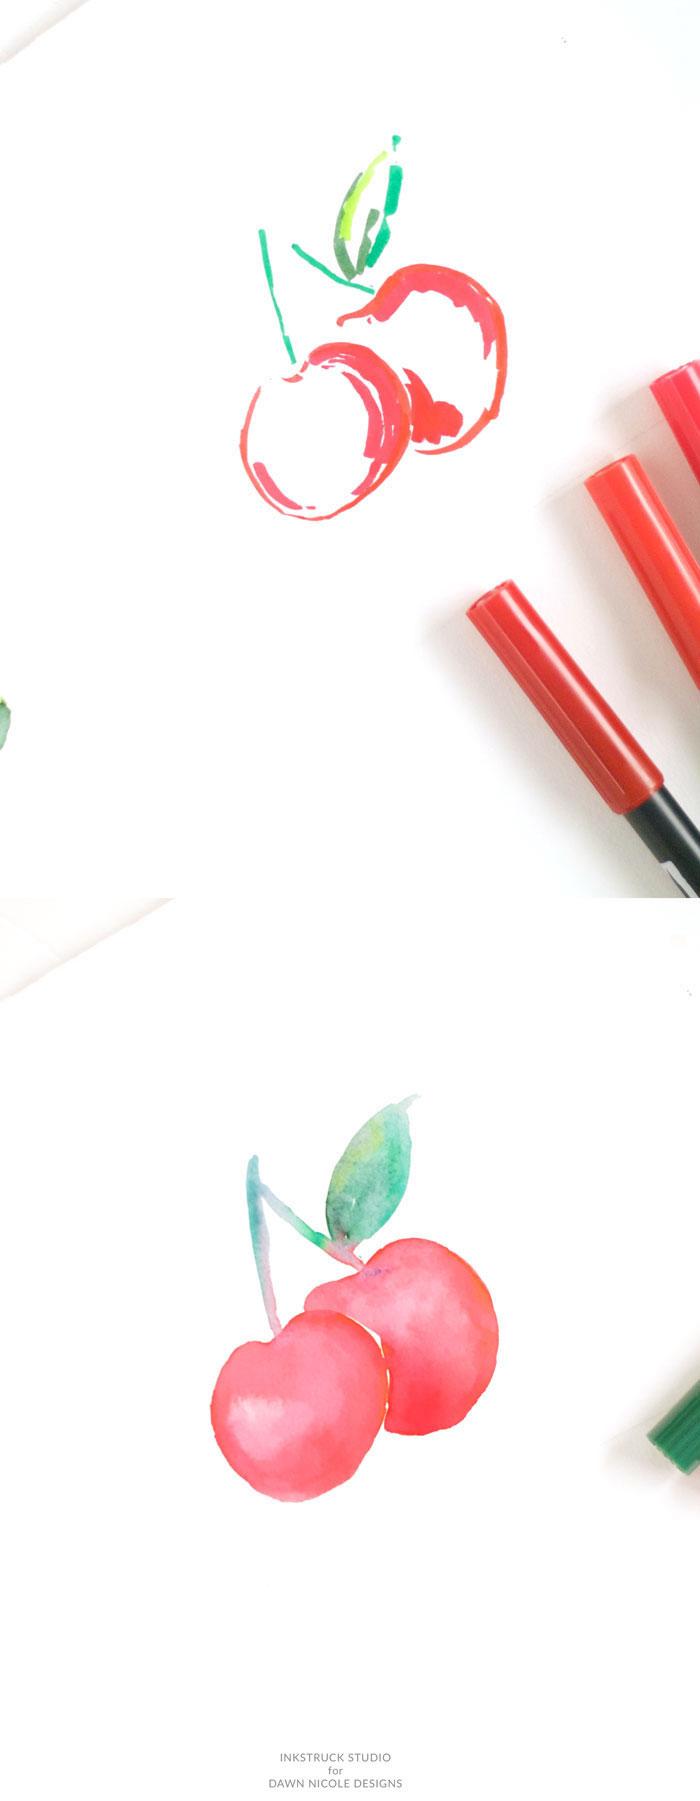 Comment dessiner une cerise avec feutres rouges et verts, faire un effet à l'aquarelle, comment dessiner des dessin, dessins à reproduire